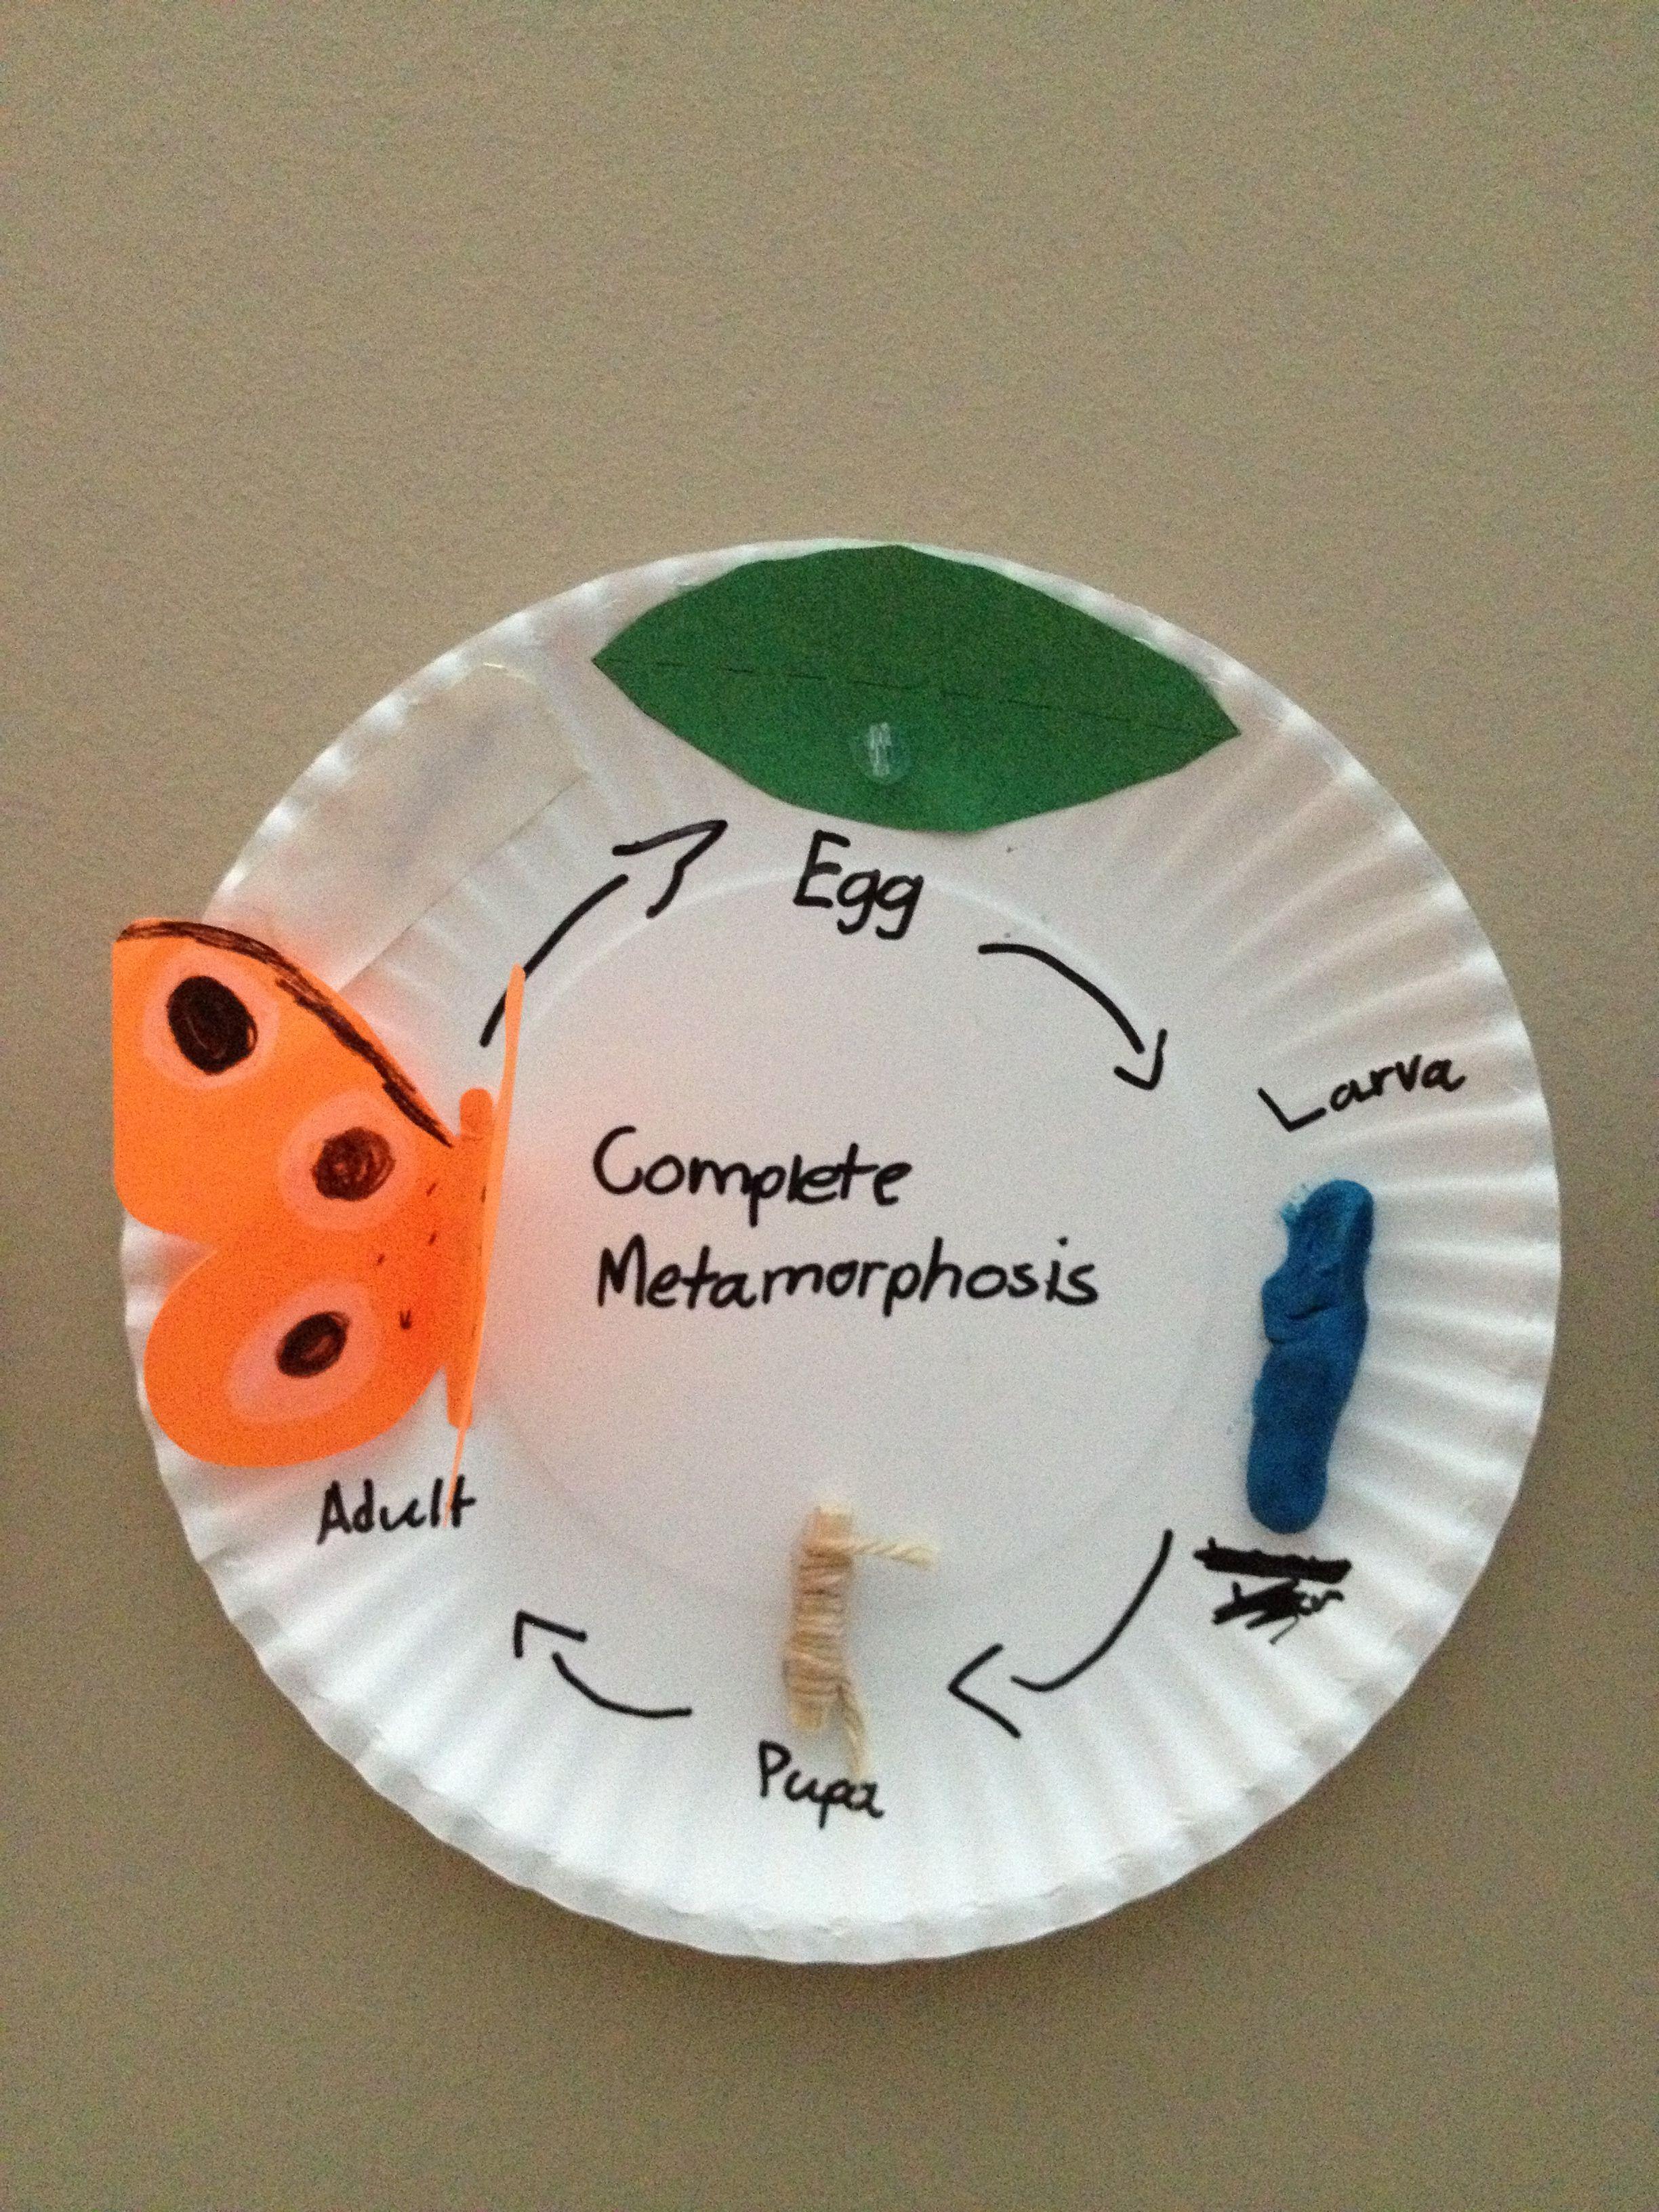 Complete Metamorphosis Model